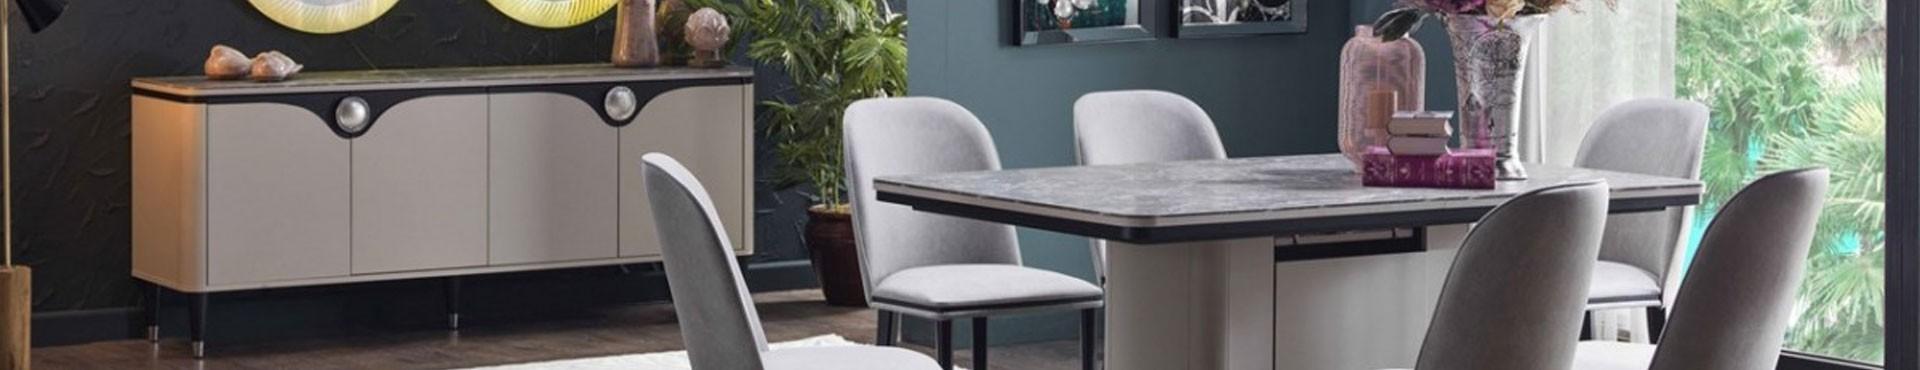 Seturi Dining Room   Mobila de calitate Bellona